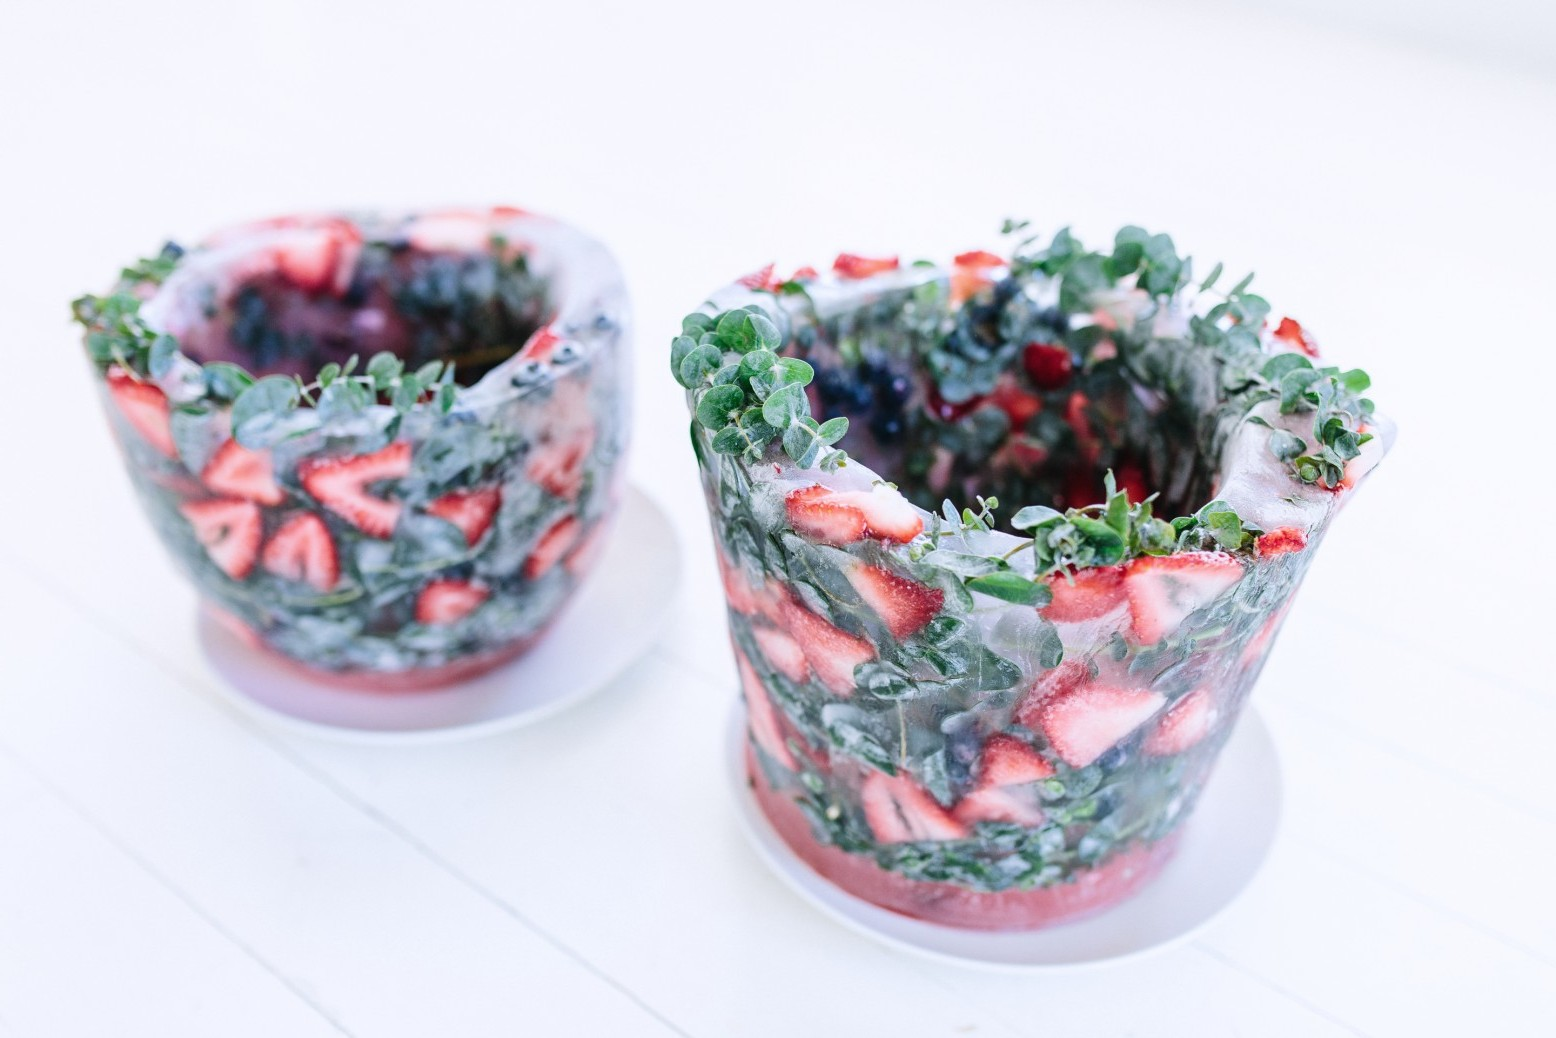 Viele coole Ideen für klare Eiswürfel selber machen